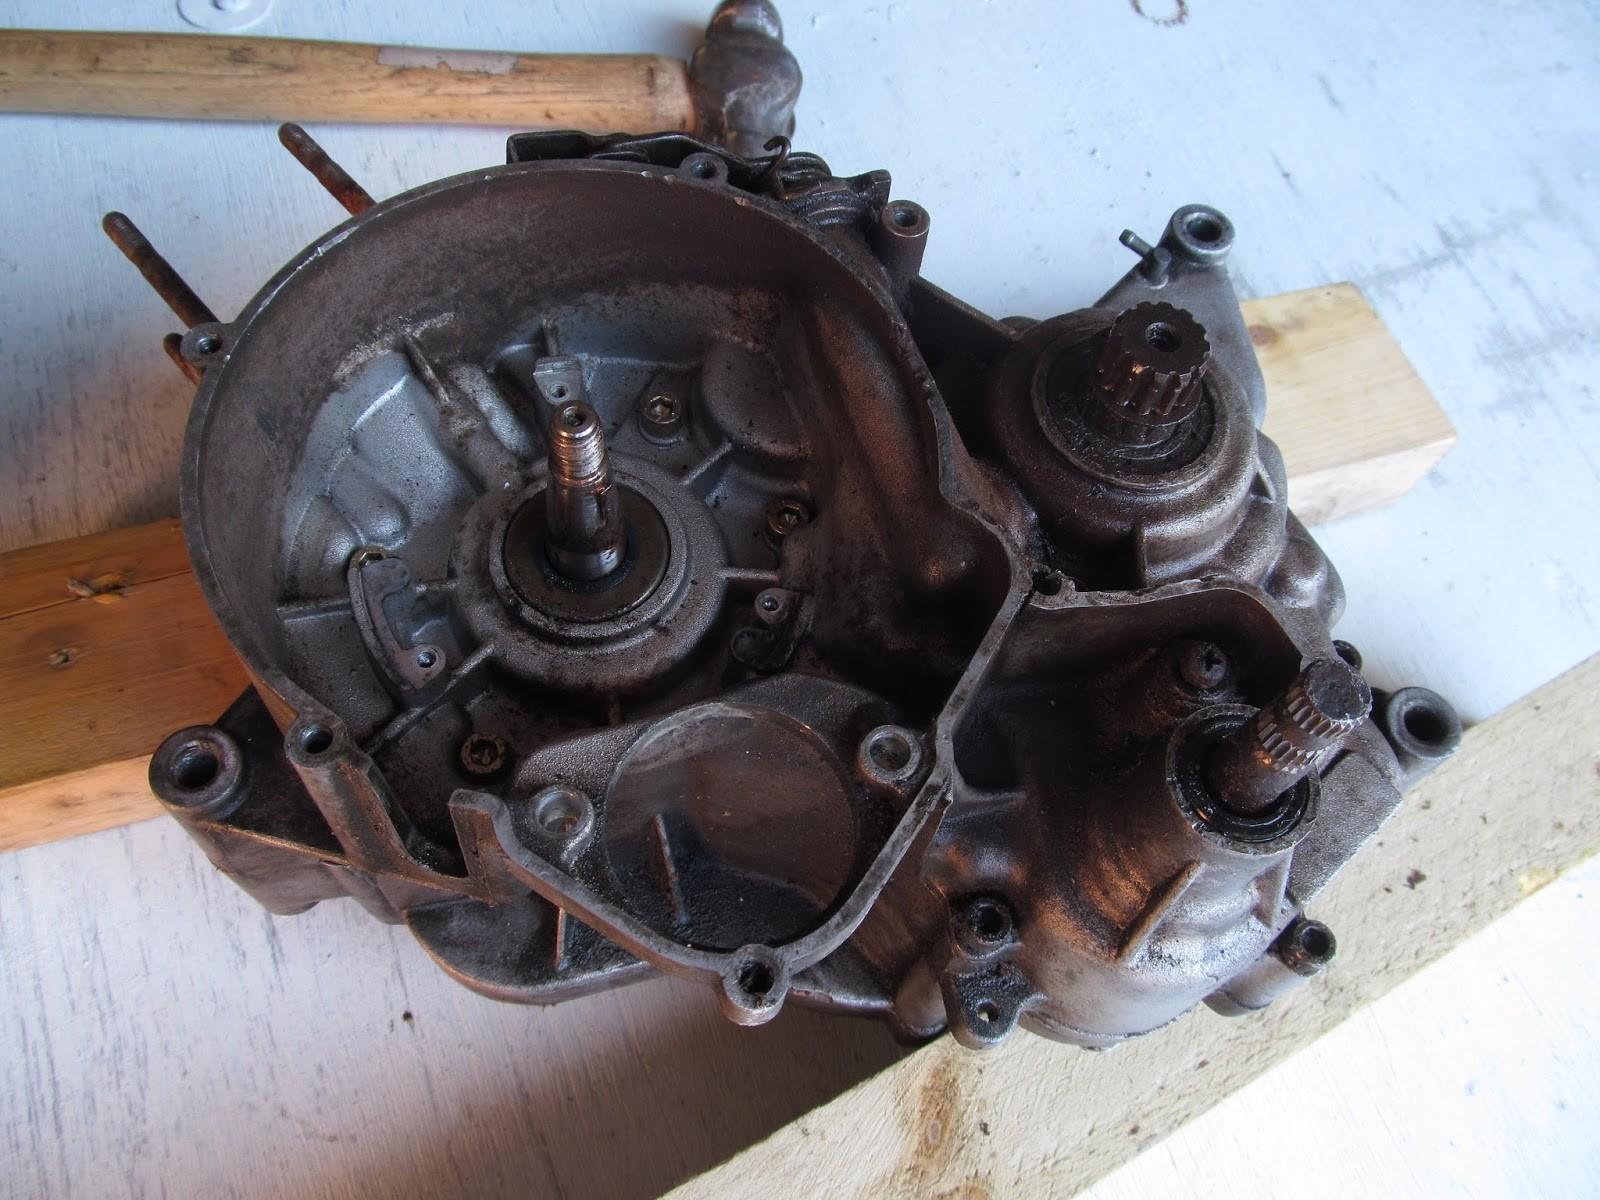 Aprilia Rs 125 Engine Diagram Aprilia Rs 125 Am6 Rs50 Tzr 50 Engine Strip Down Of Aprilia Rs 125 Engine Diagram